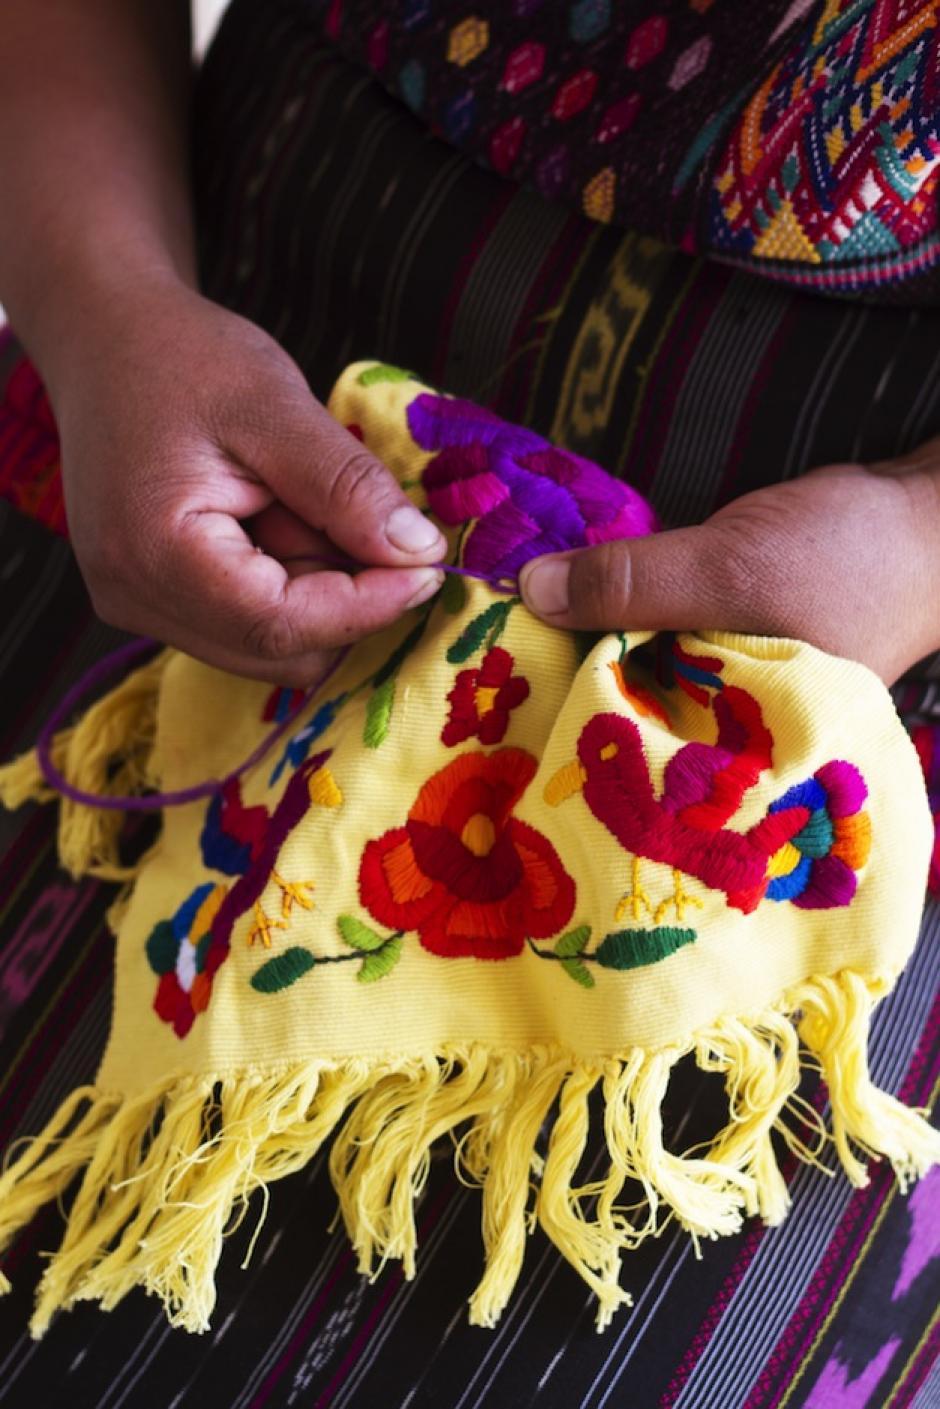 Los artesanos recibirán talleres para ampliar su mercado a nivel internacional. (Foto: Societas)